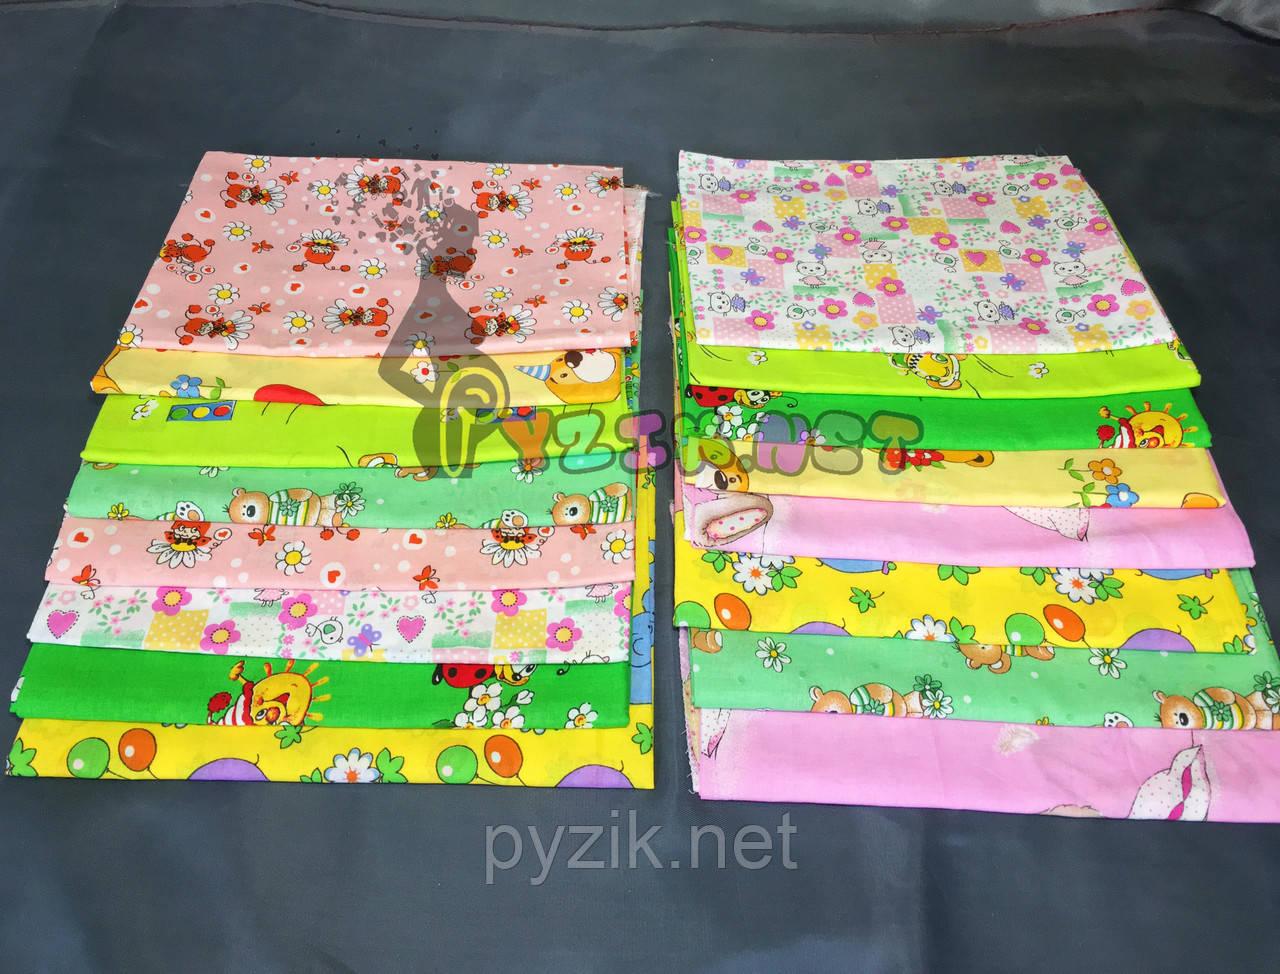 Комплект нежные ситцевые пеленки мини (5 шт) (80Х100 см)